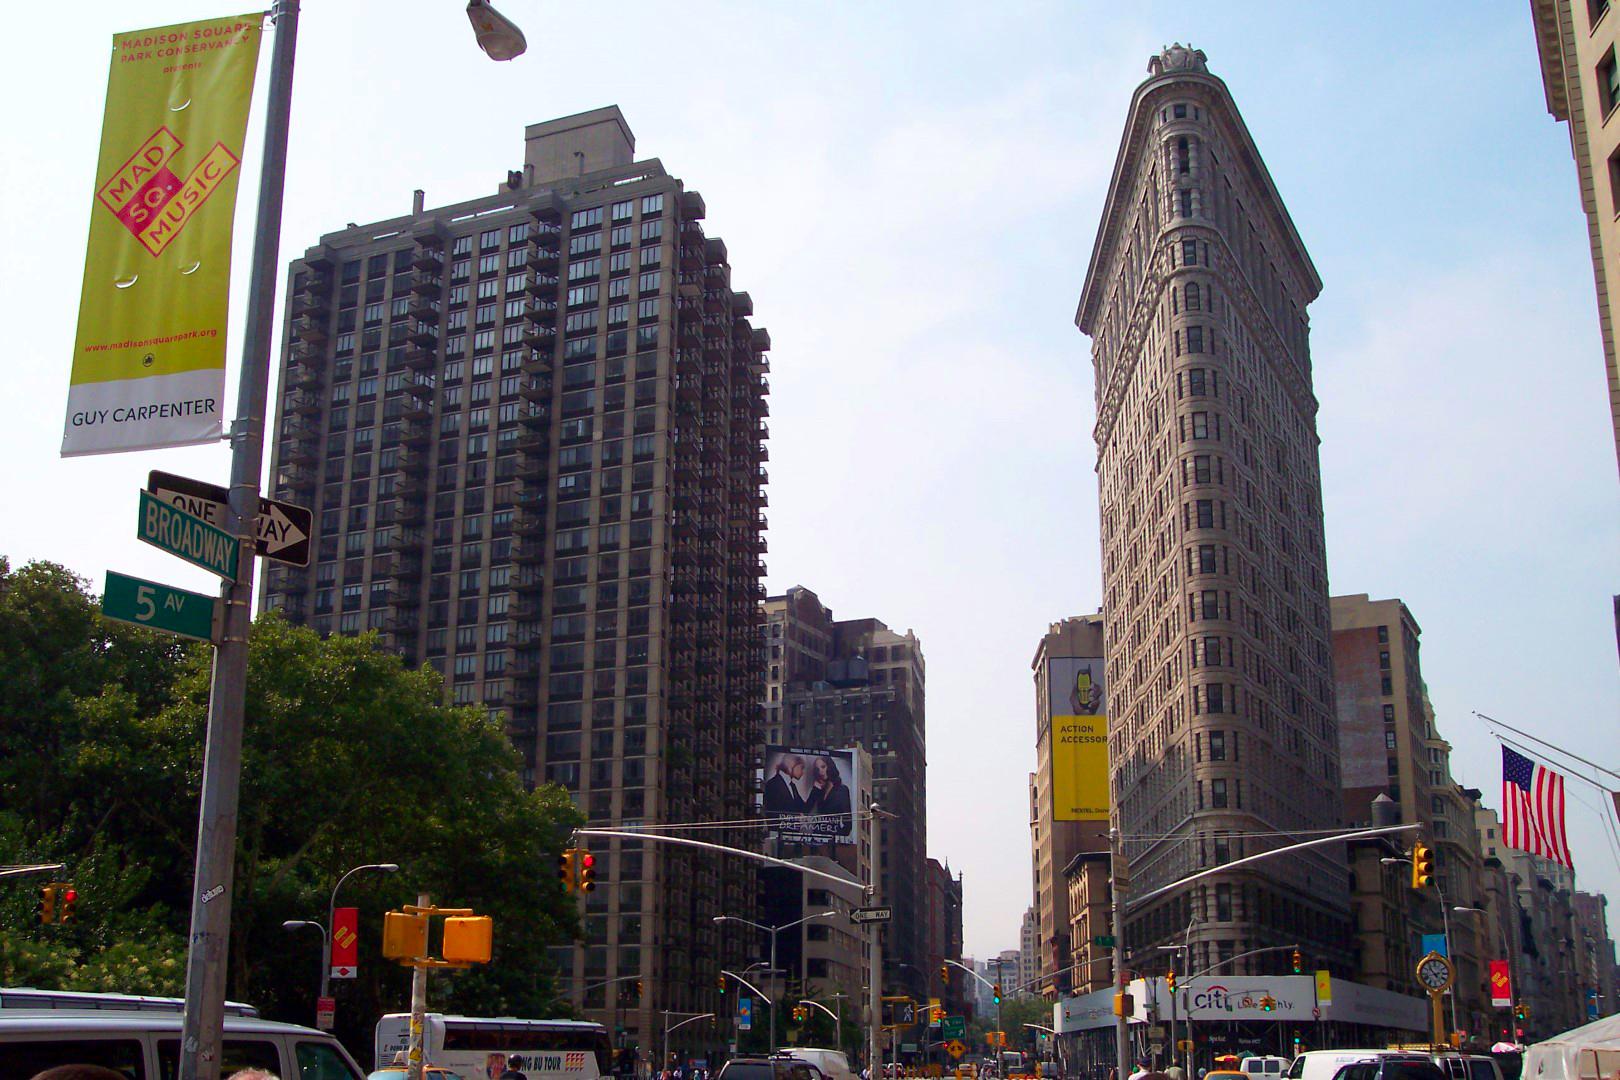 Qué hacer y ver en Nueva York qué hacer y ver en nueva york - 31142709195 29c3b2f9d8 o - Qué hacer y ver en Nueva York